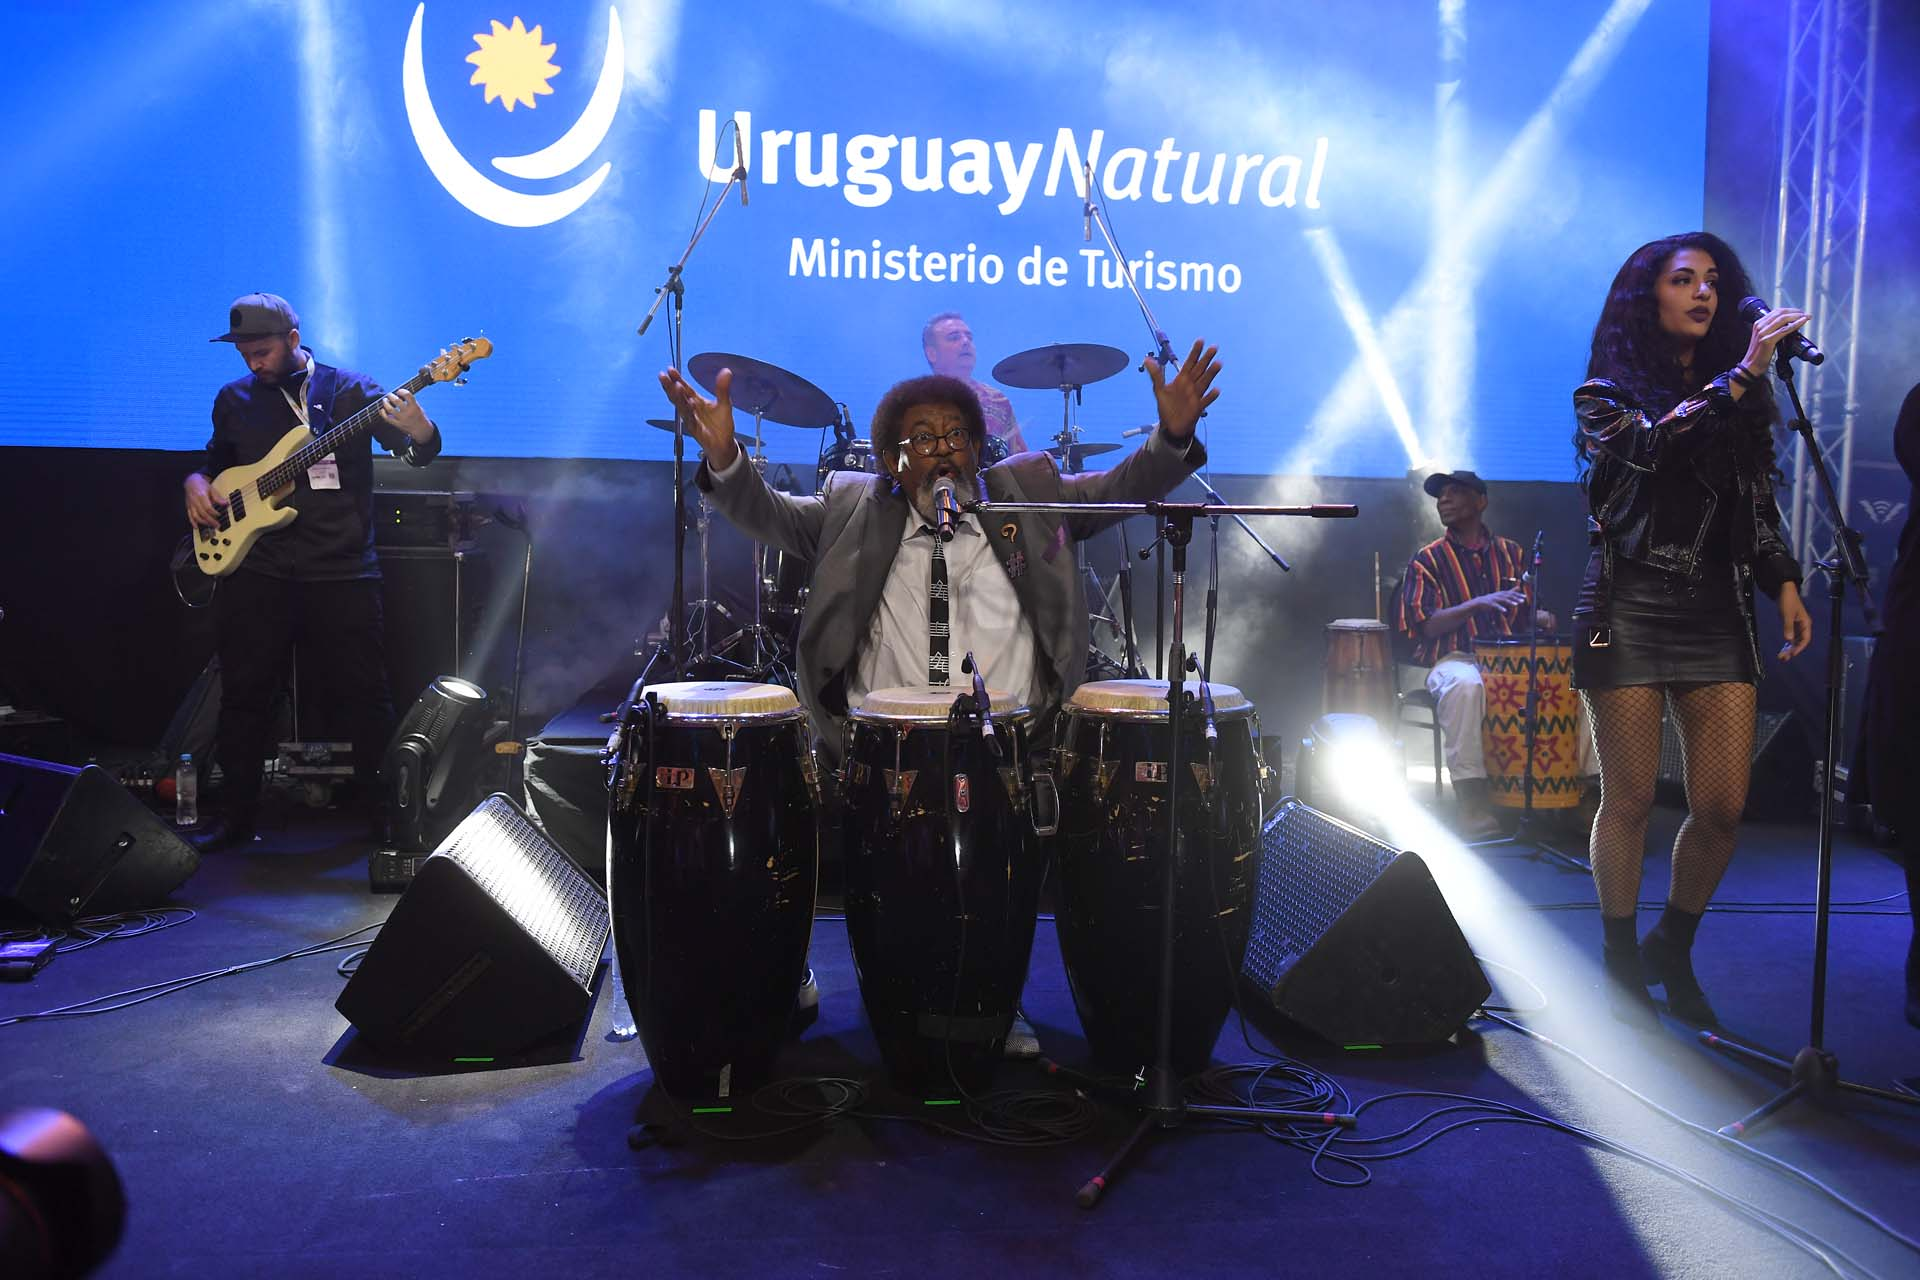 El artista uruguayo Ruben Rada y la cantante mexicana Julieta Venegas fueron dos de las atracciones que ofreció Uruguay durante la presentación de la temporada 2019-2020